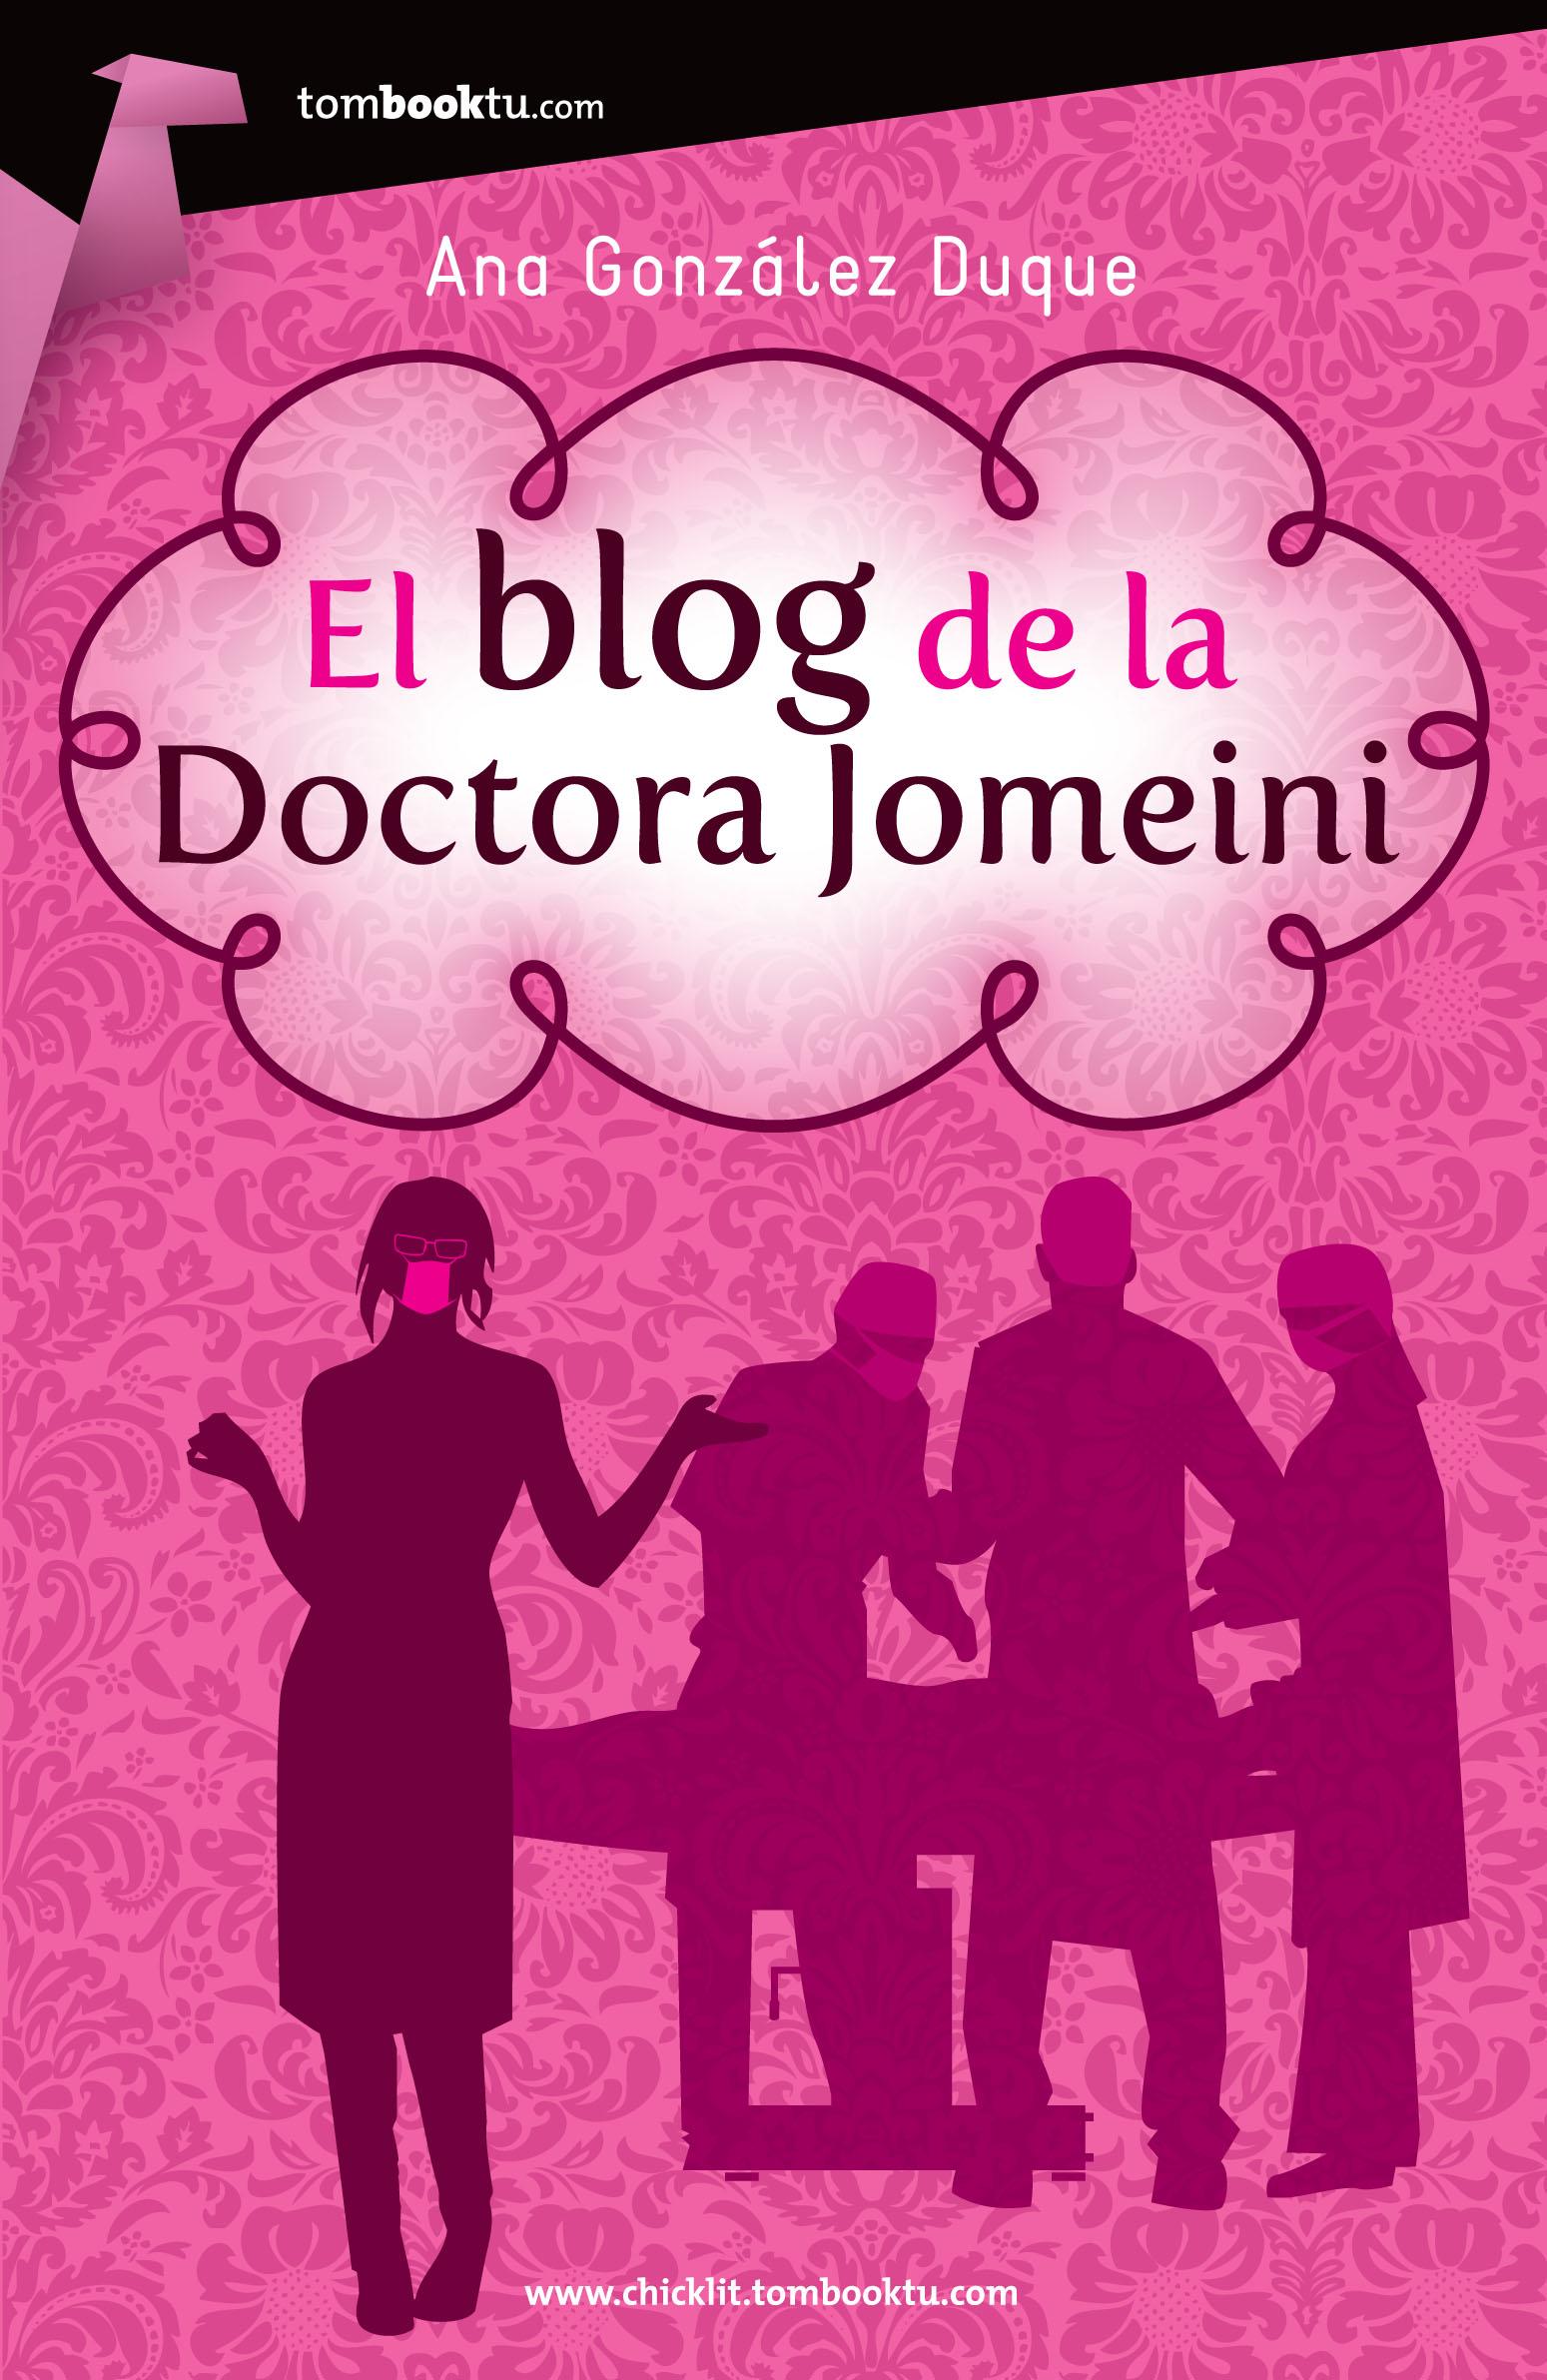 Blog de la Dra Jomieni, el libro